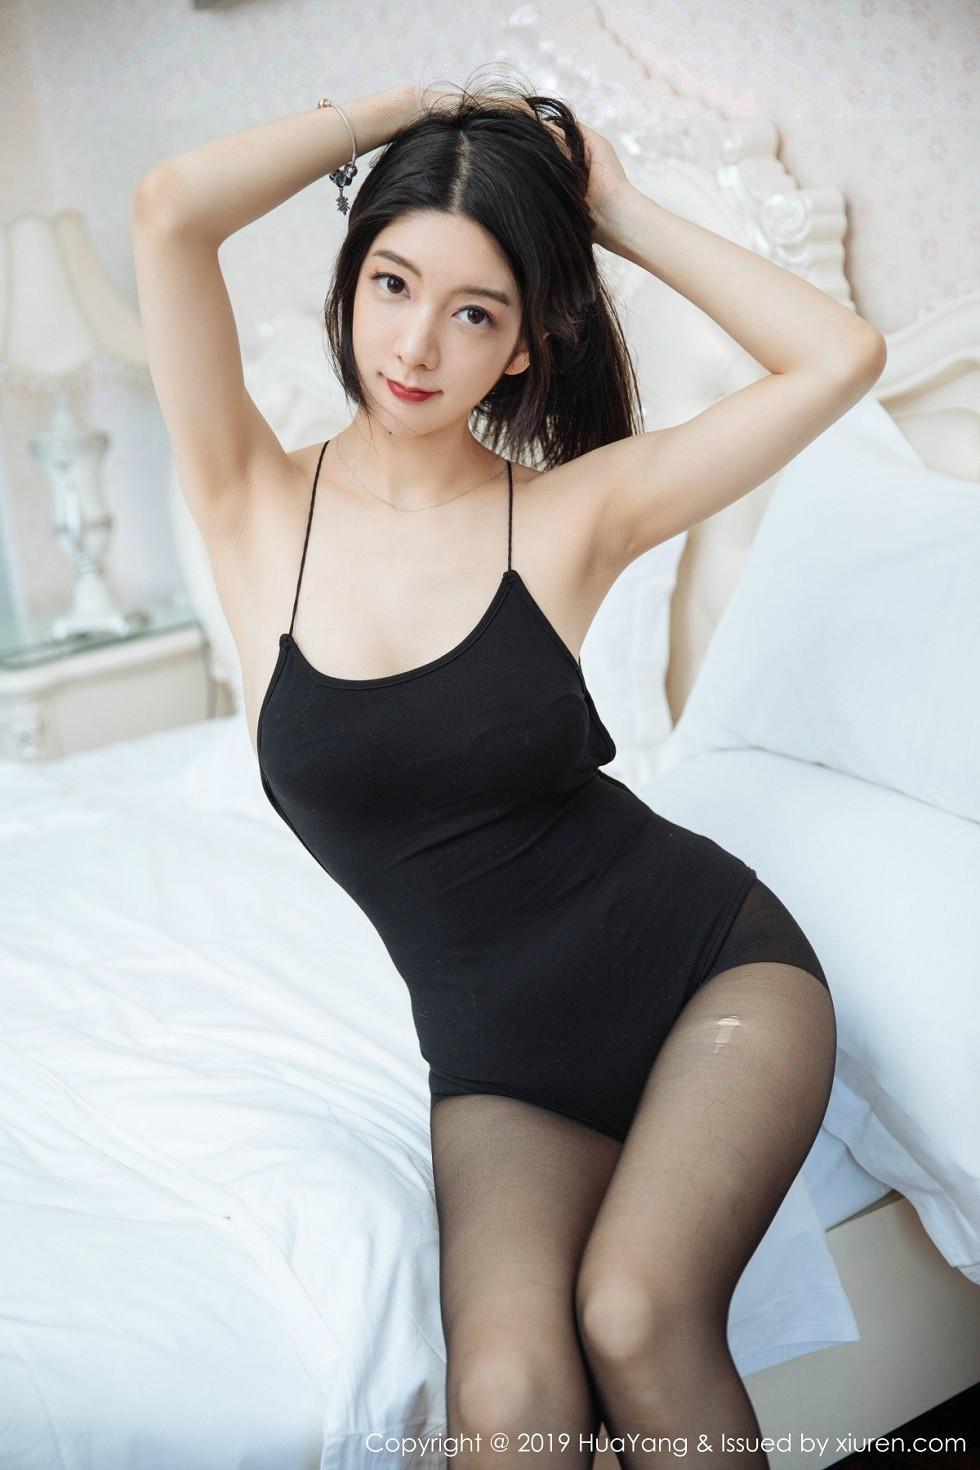 女神Angela喜欢猫私房黑丝裤袜+白色蕾丝女仆装诱惑无圣光写真47P